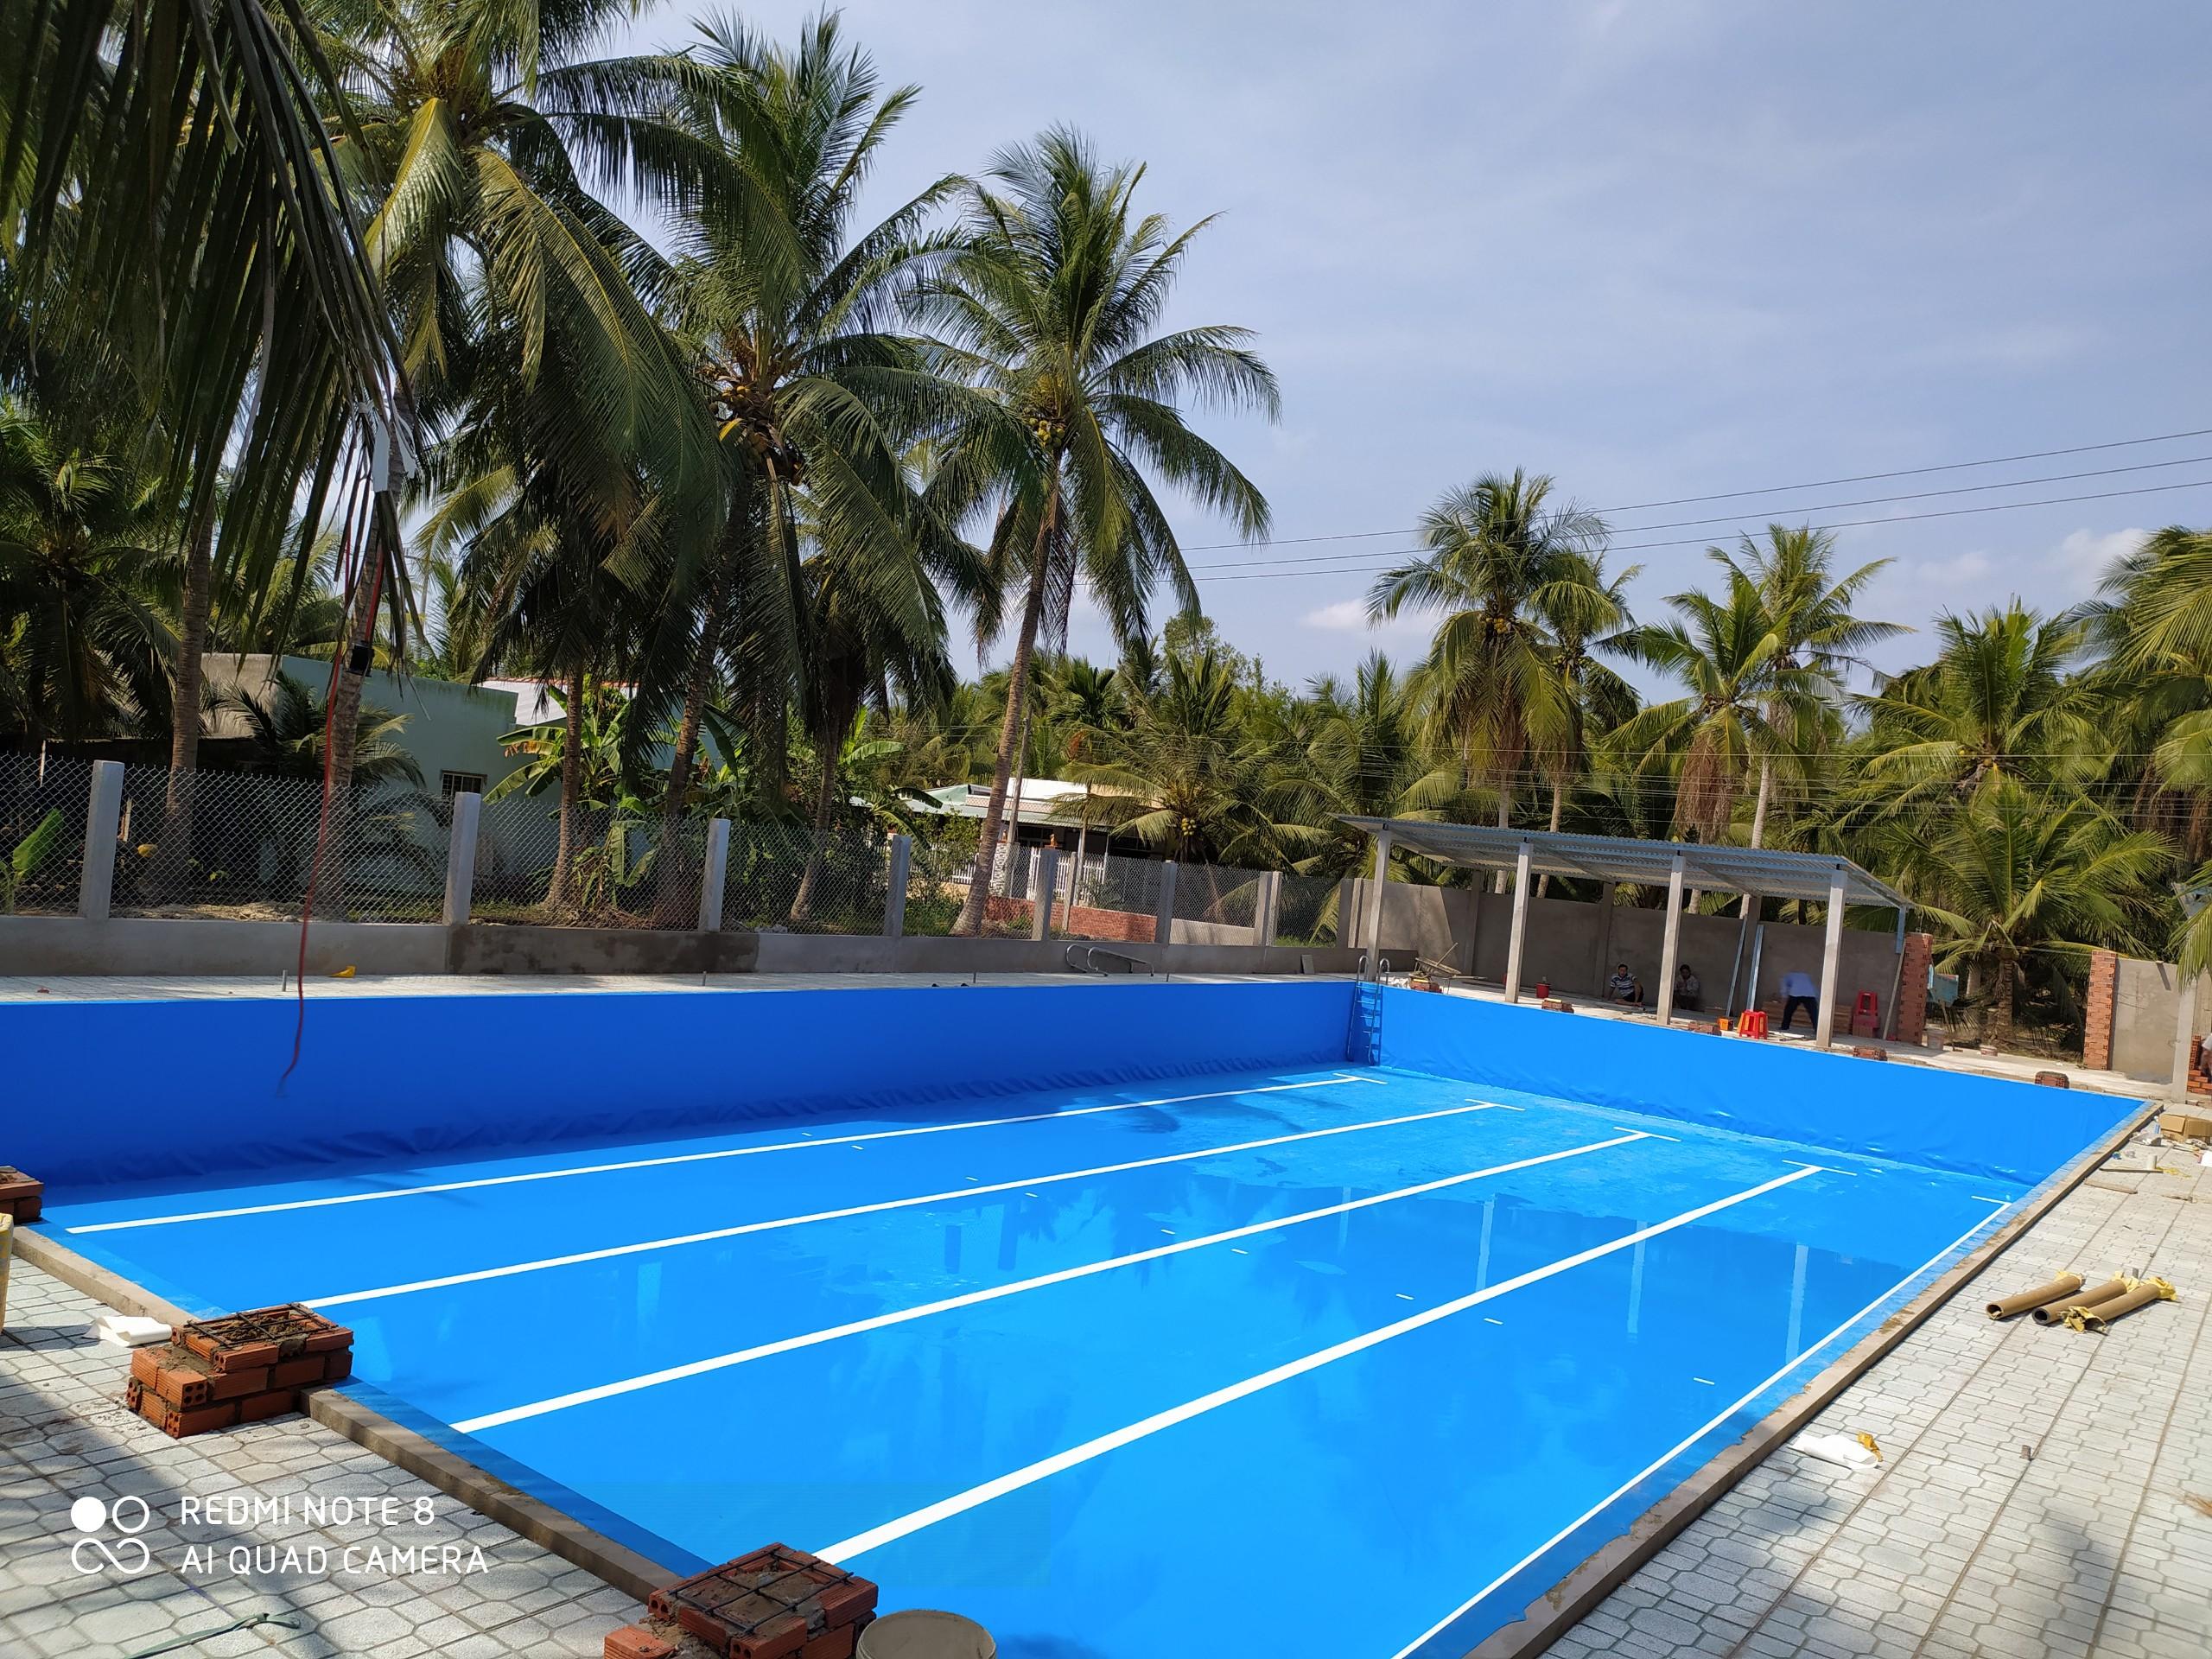 bể bơi âm lót bạt pvc bền đẹp